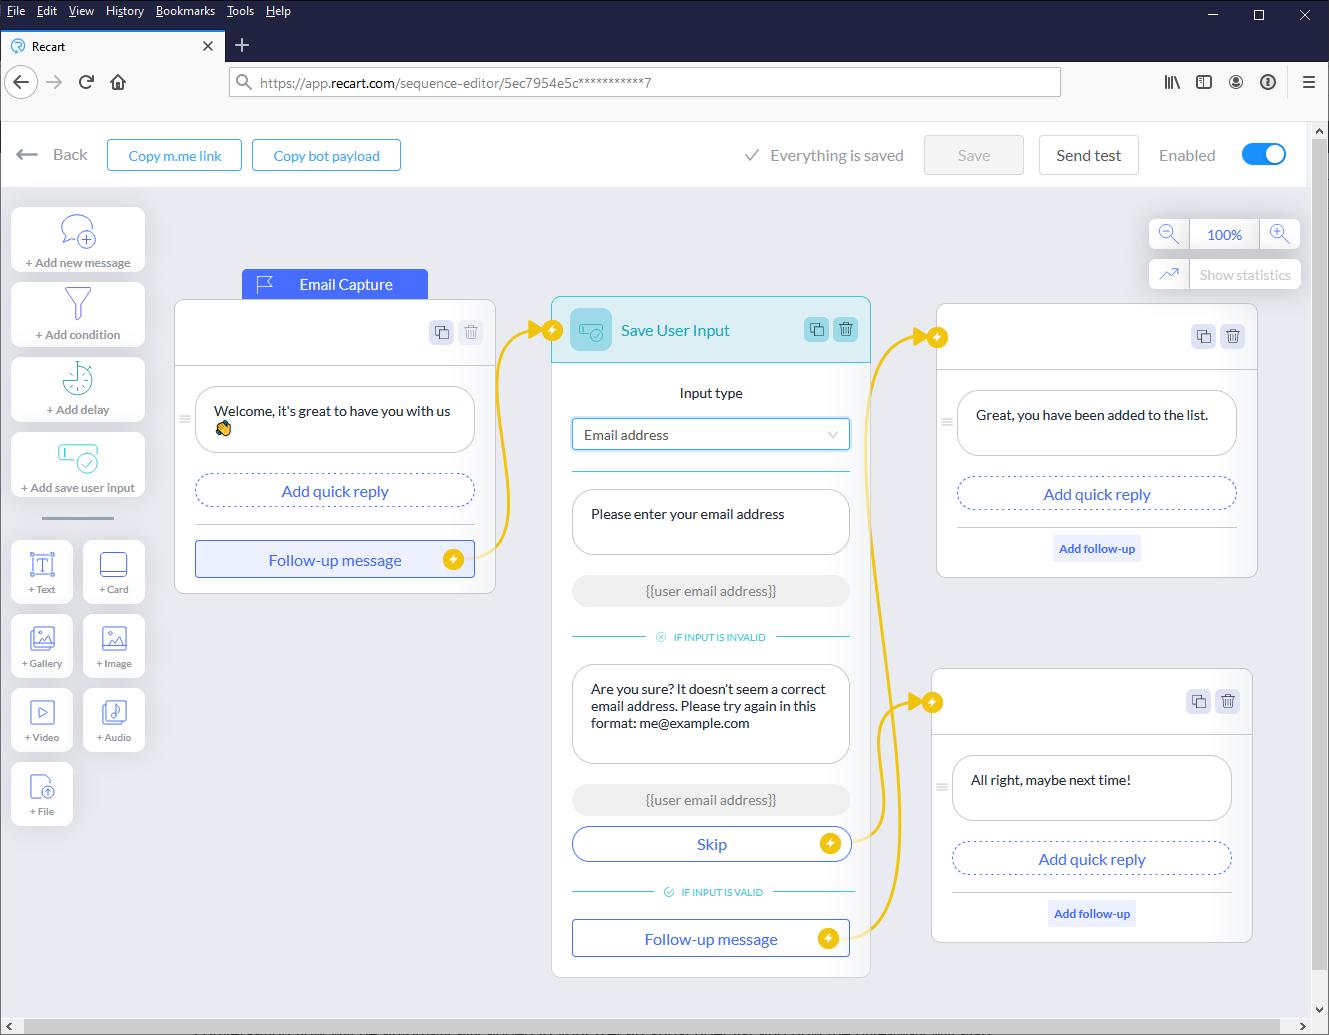 Email capture conversation flow